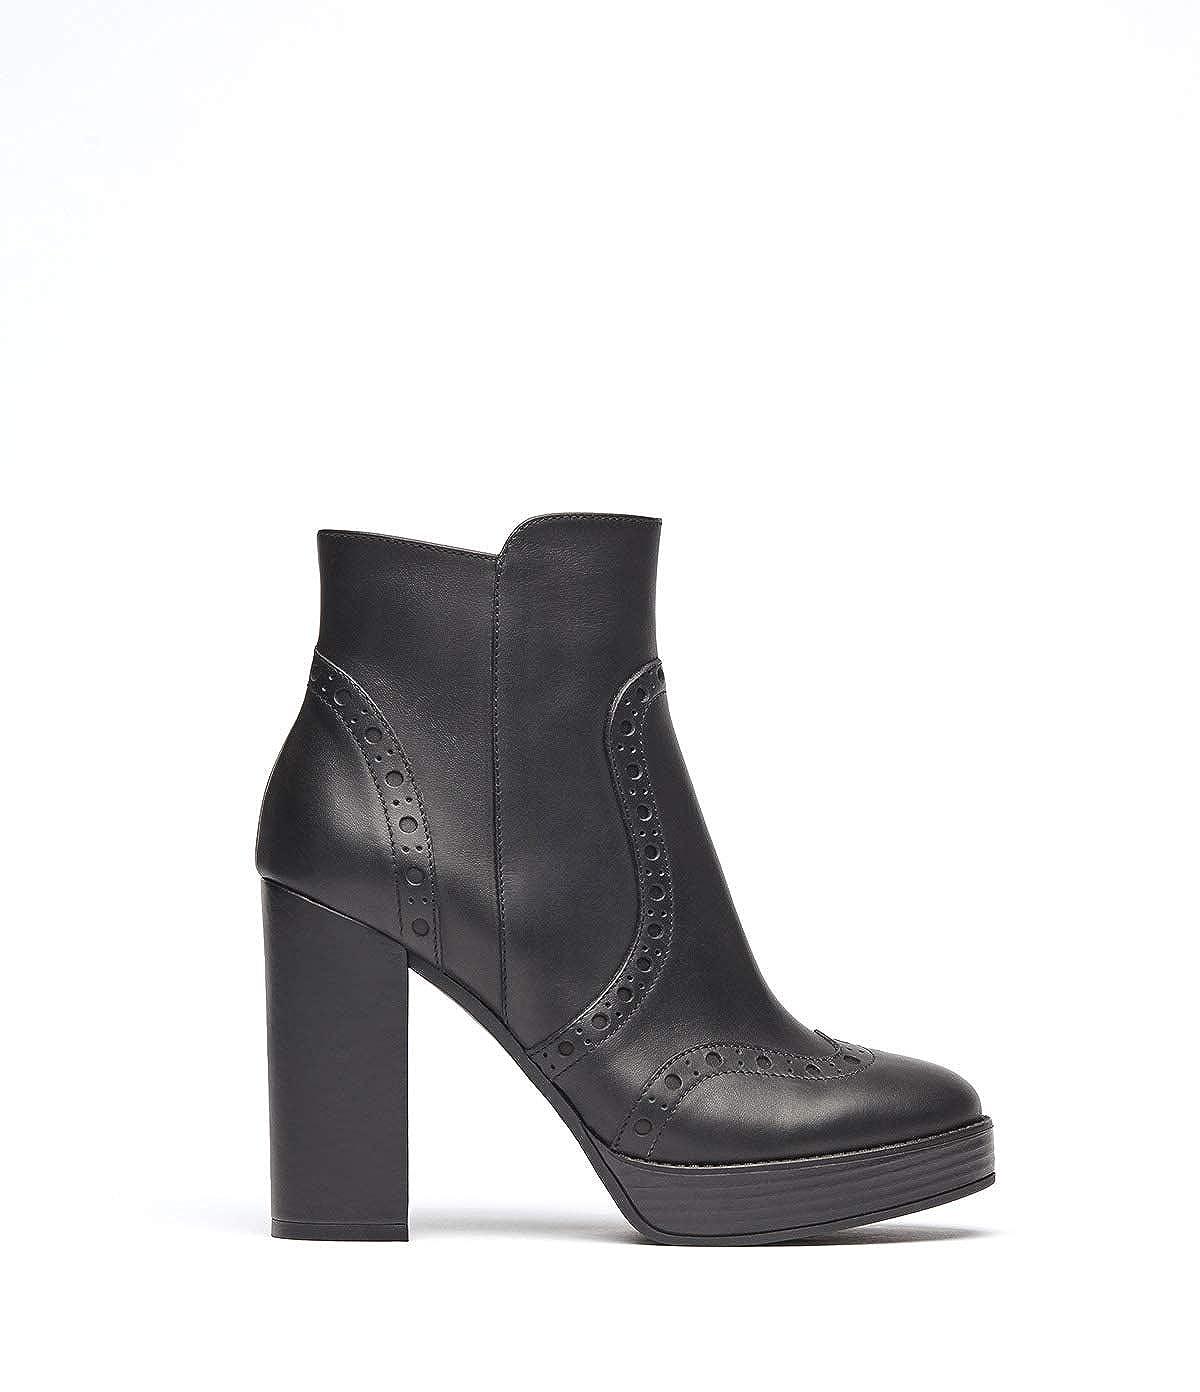 Poi Lei Damen-Schuhe Budapester Stiefelette Agata Schwarz Stiefeletten Blockabsatz Leder  | Ausgezeichneter Wert